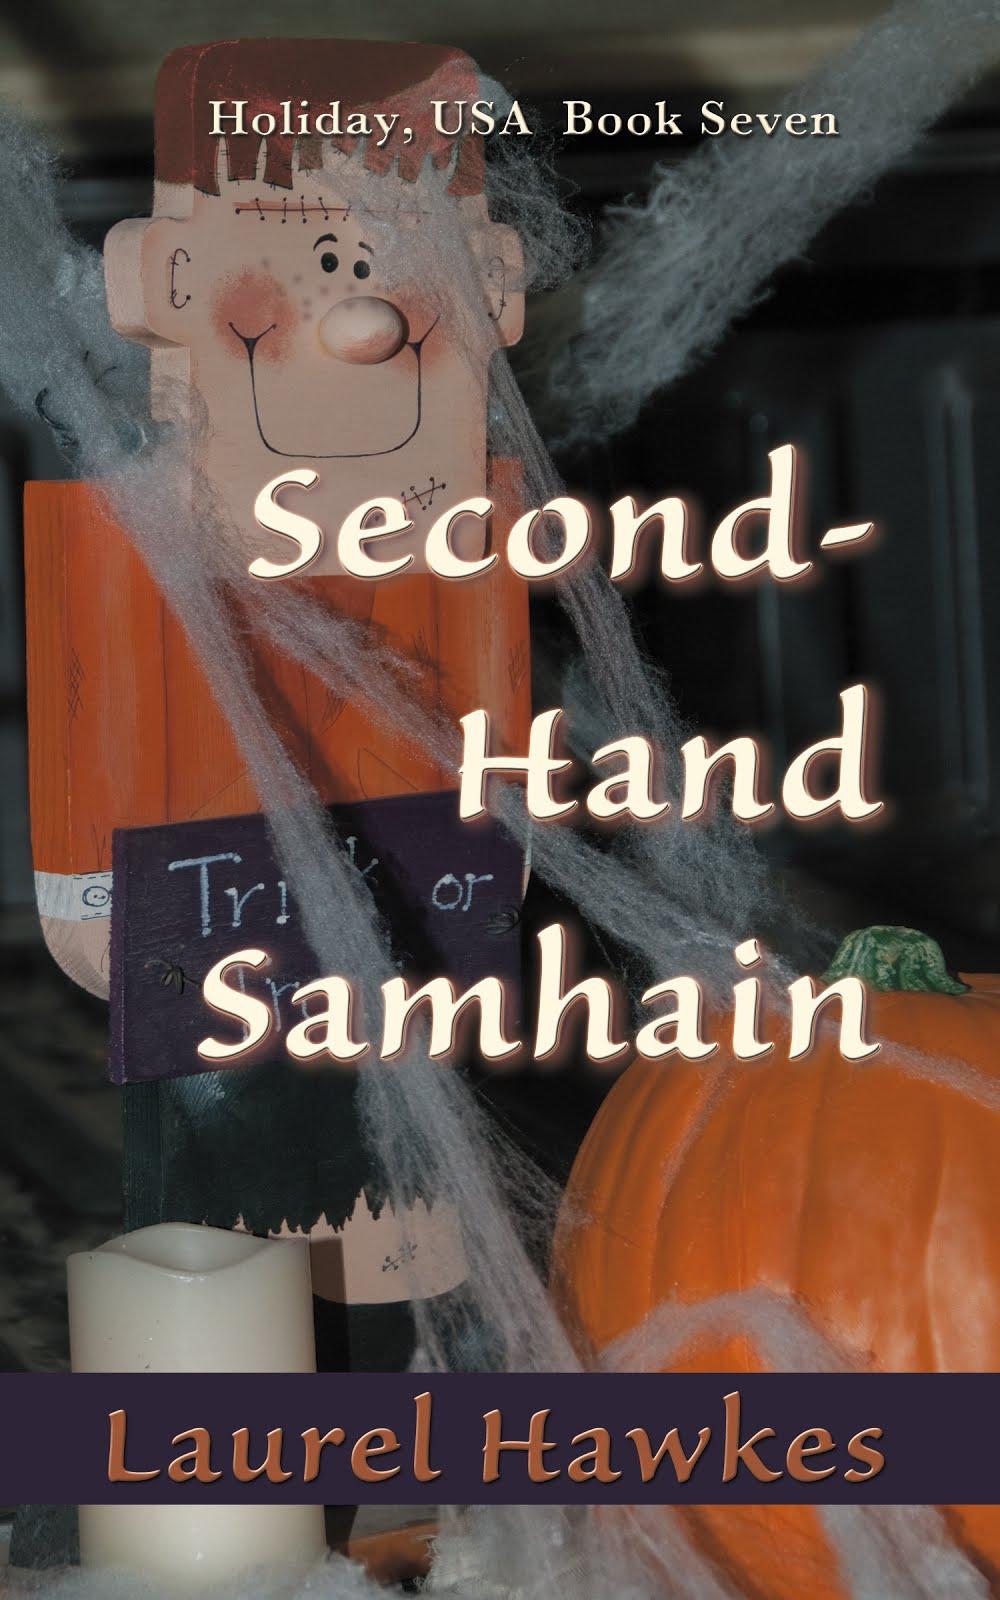 Secondhand Samhain